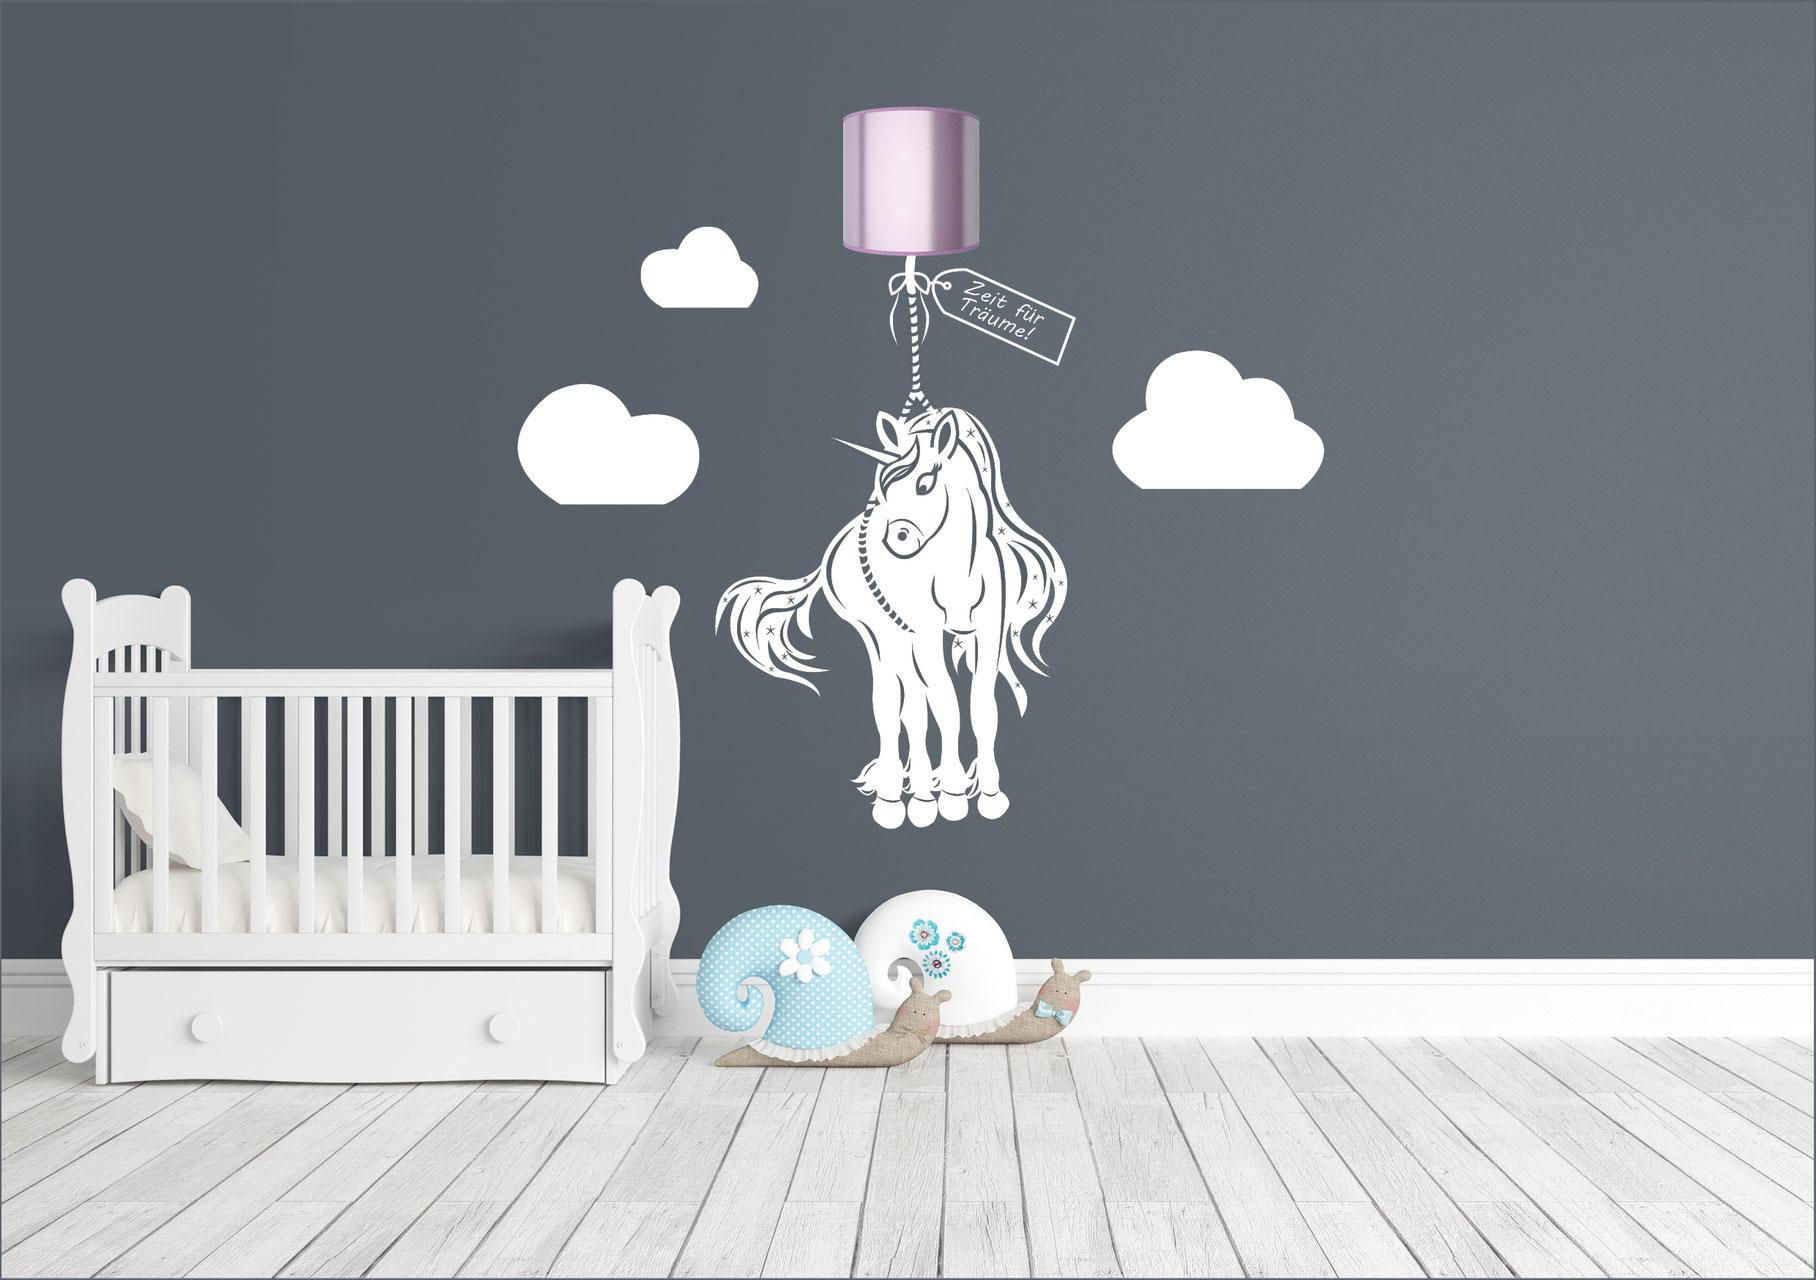 Ansprechend Wandtattoo Lila Referenz Von Wandtattoos Mit Licht Für Ihr Kinderzimmer